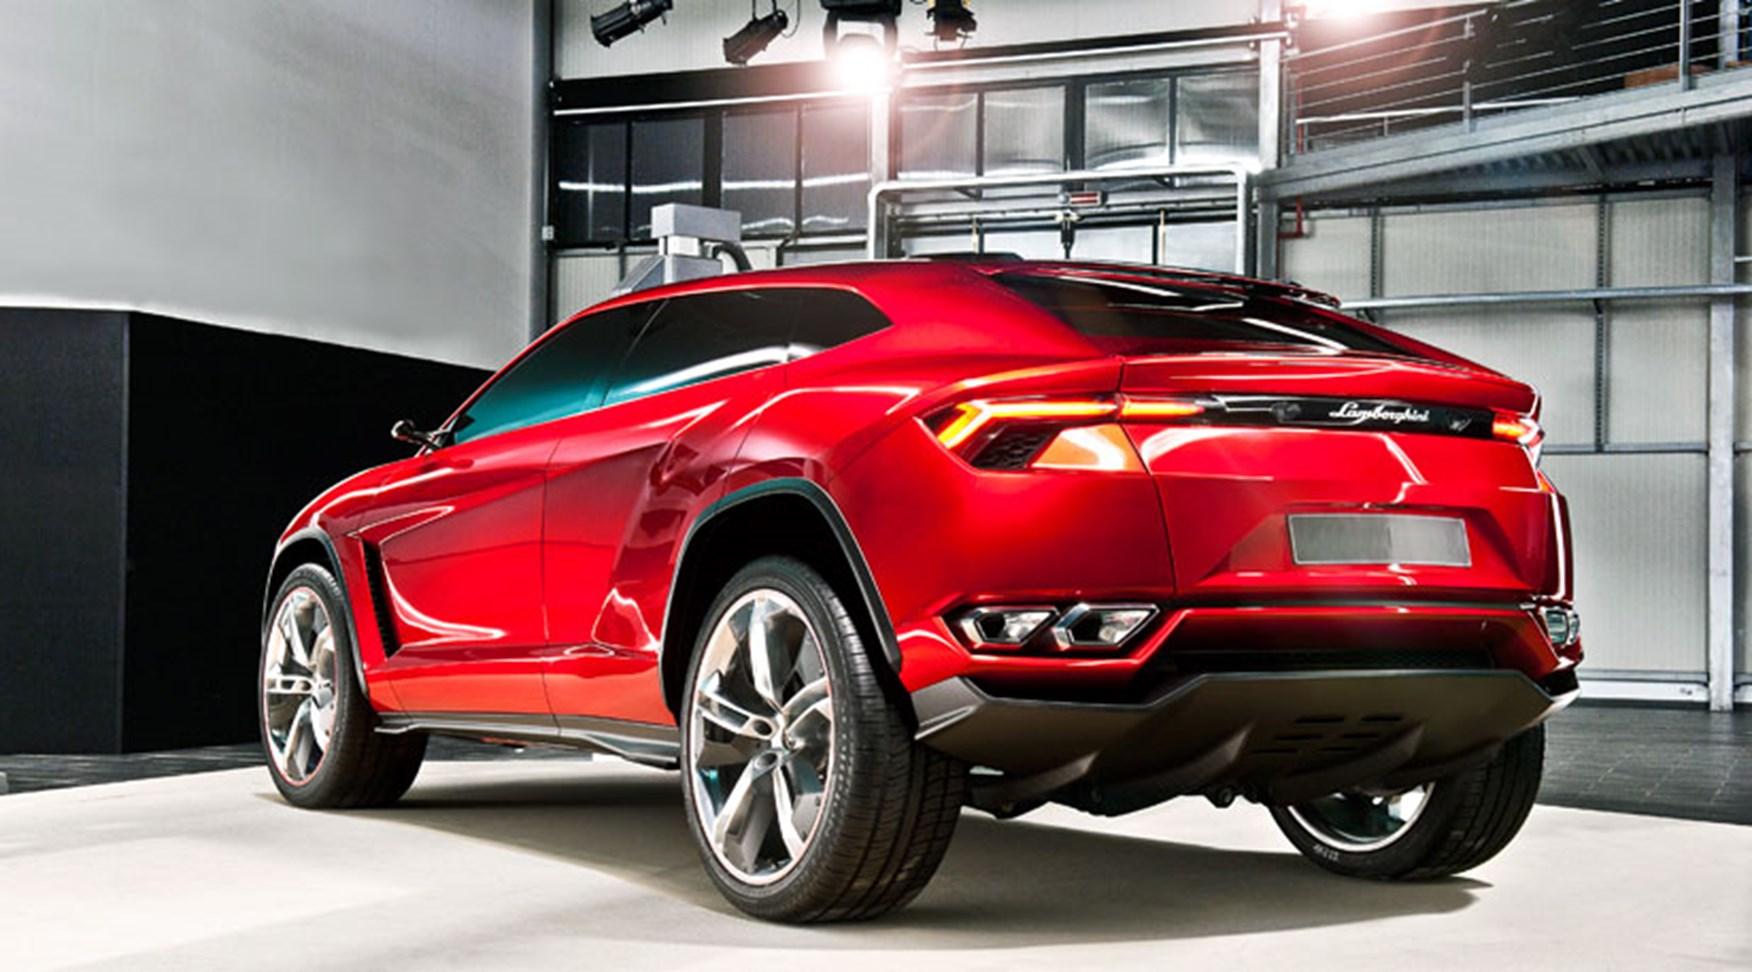 lamborghini urus suv to cost 135 000 by car magazine